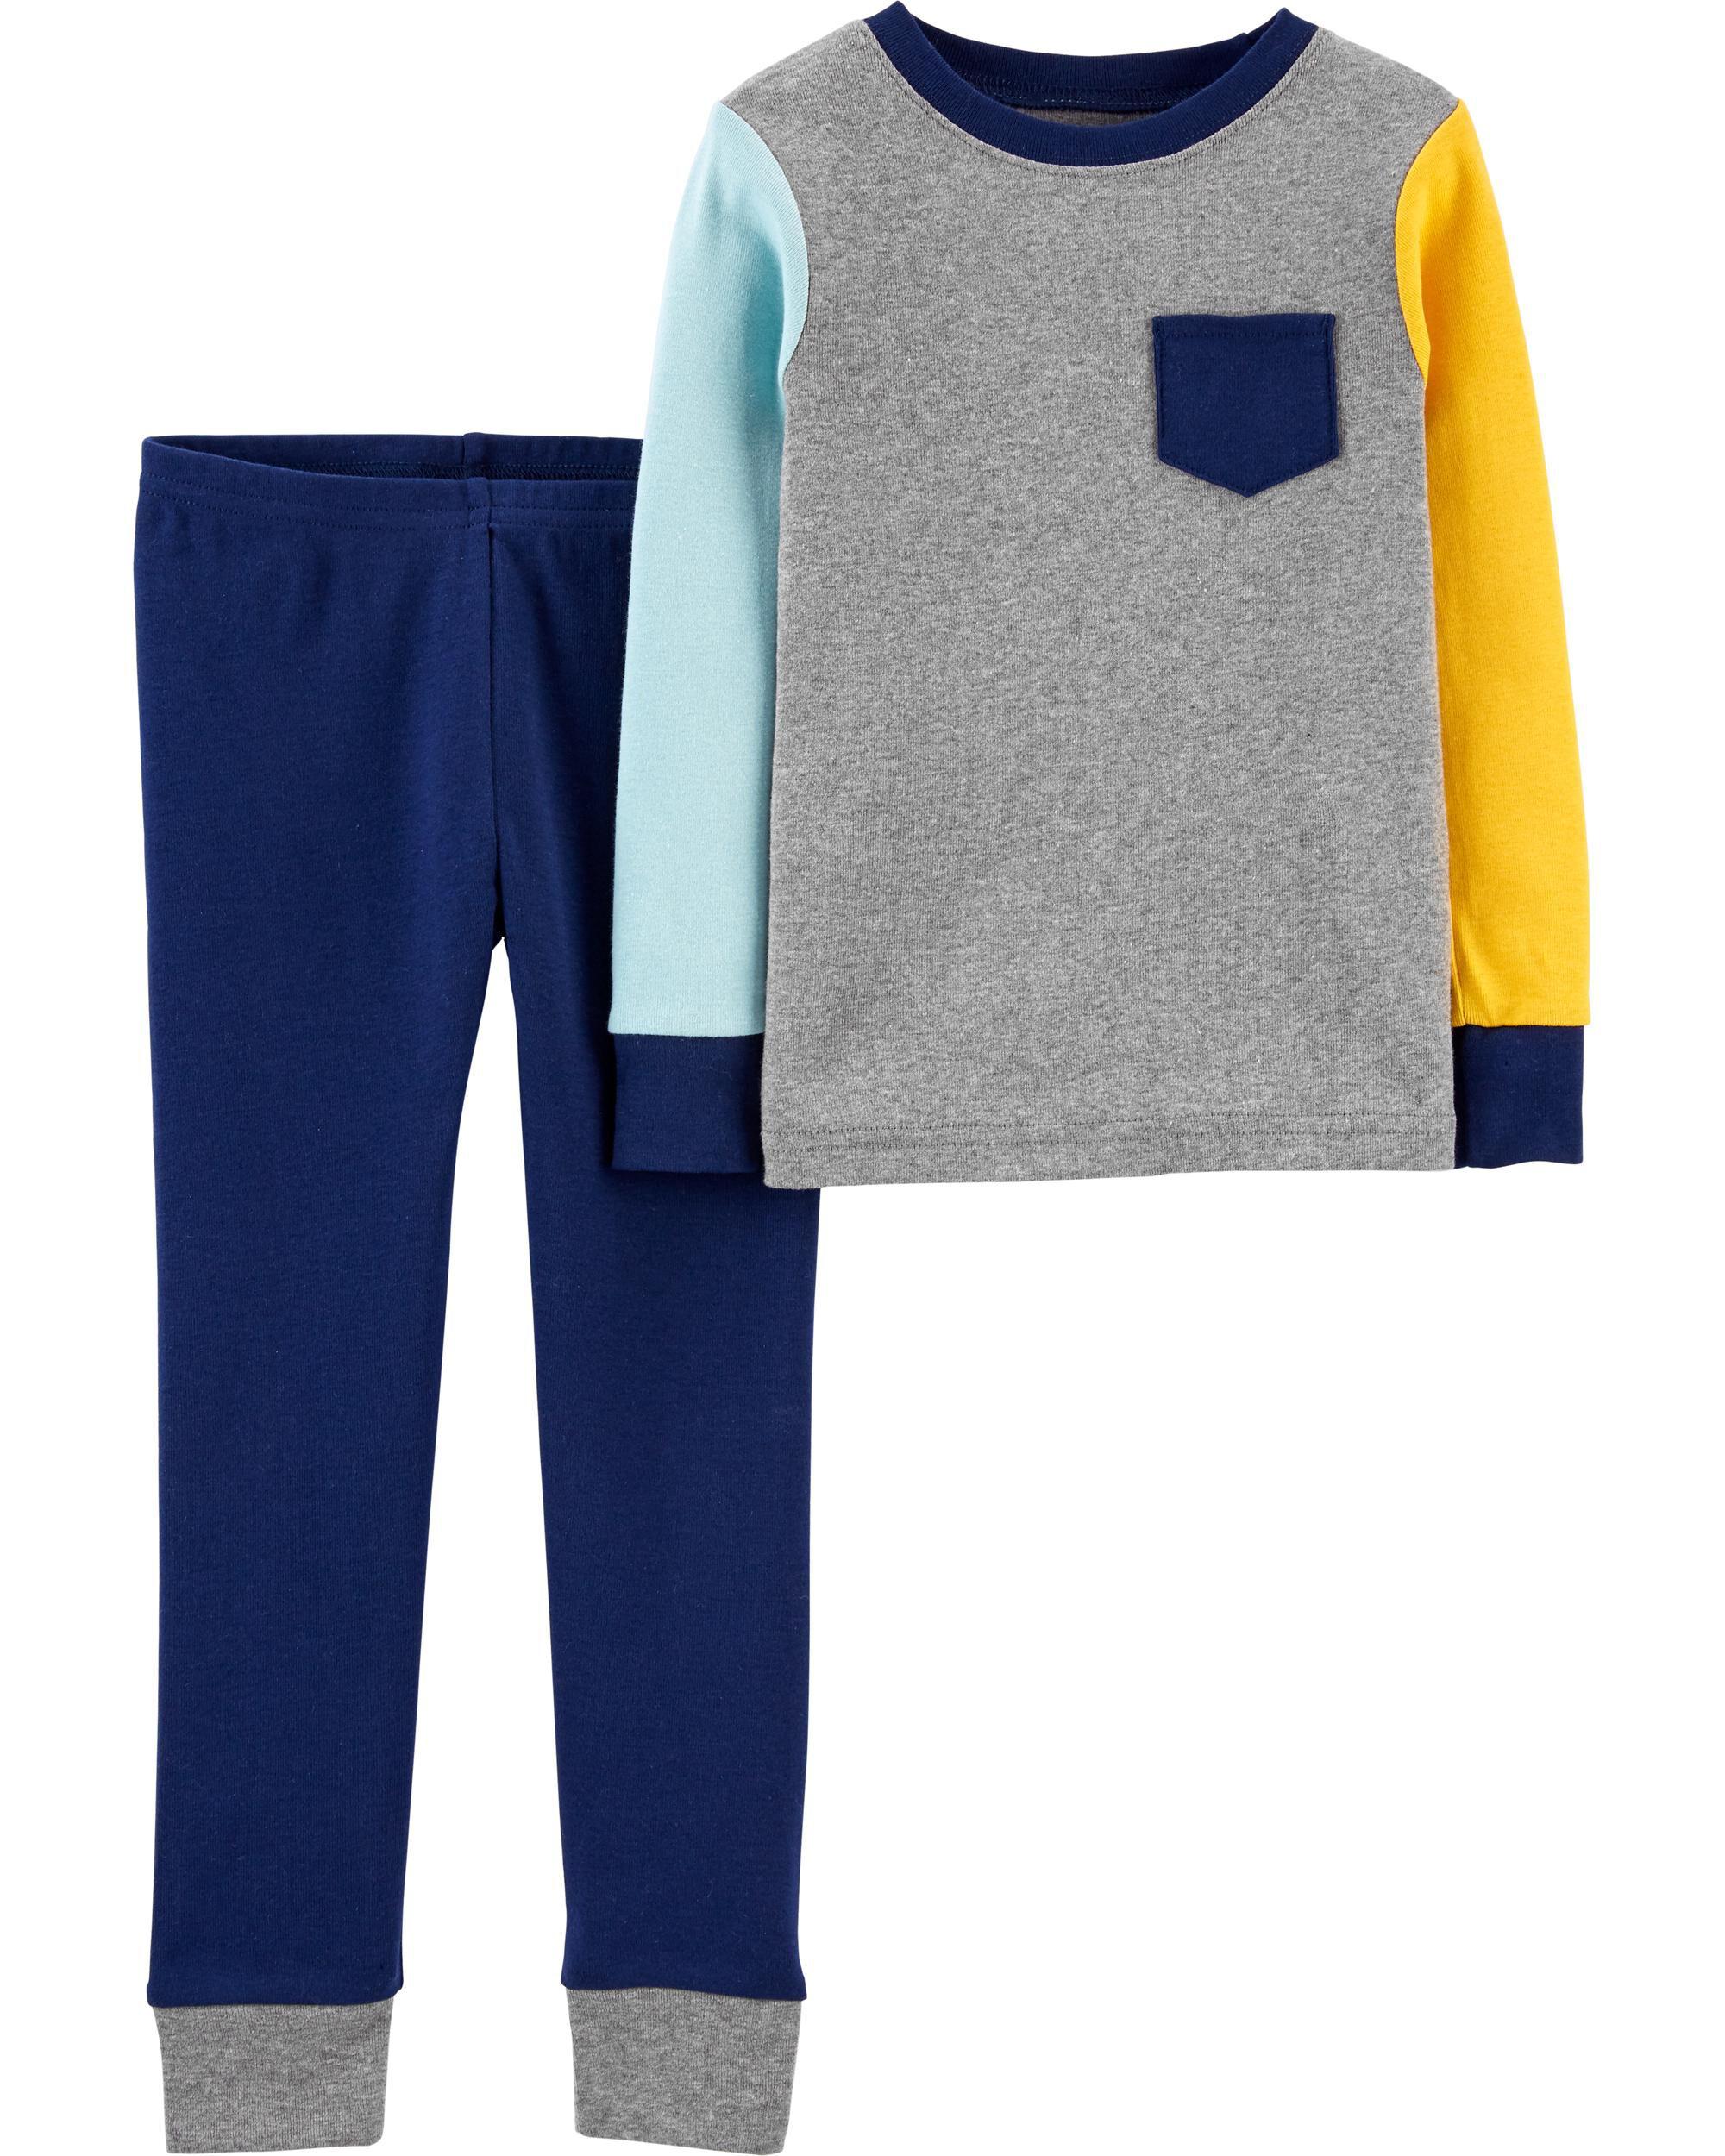 Carters 2-Piece Colorblock Snug Fit Cotton PJs